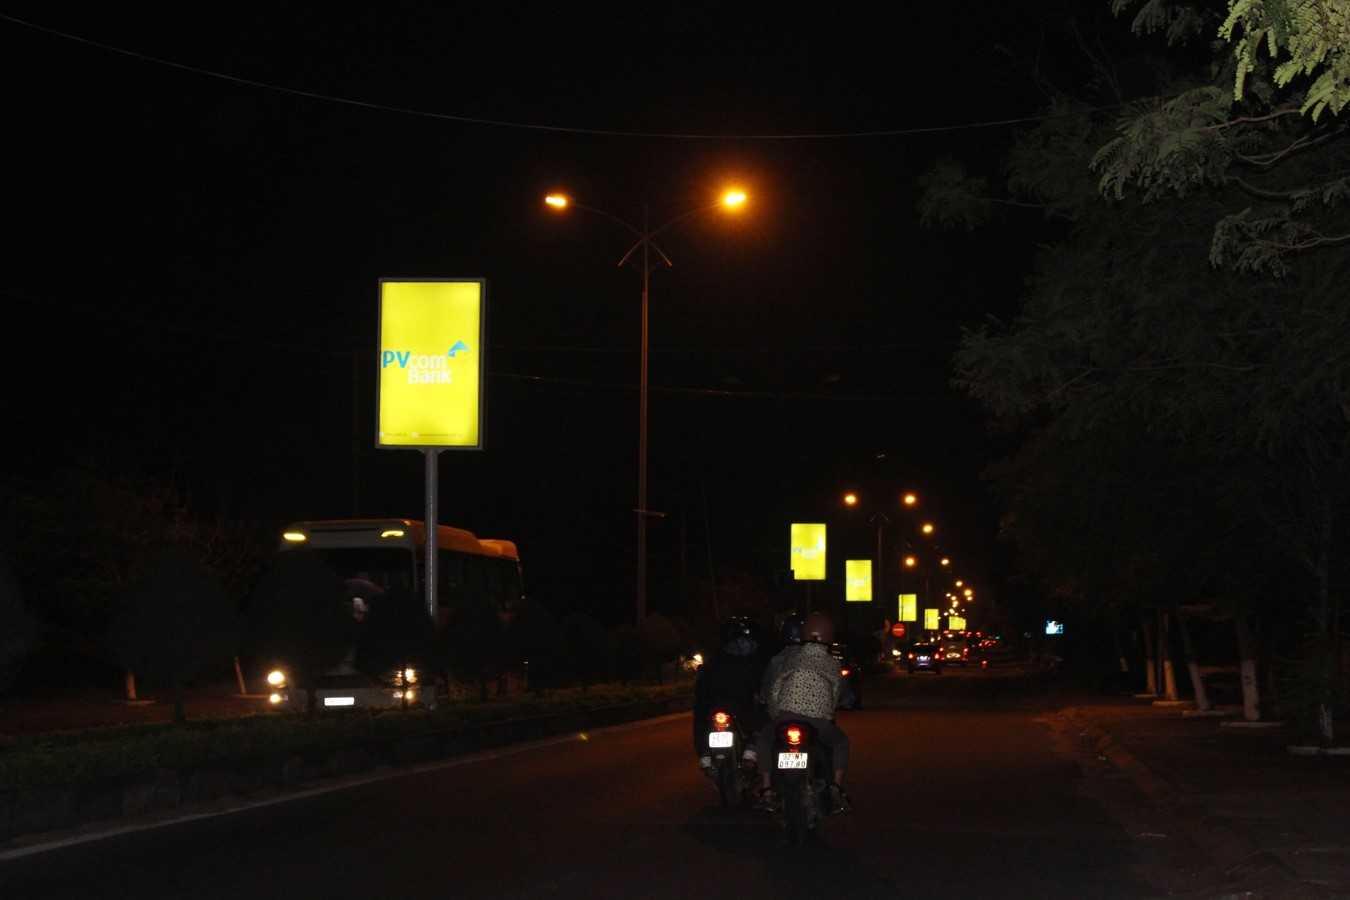 Quảng cáo Hộp đèn giải phân cách Hội An - Quảng Nam  - VT1 đến VT100